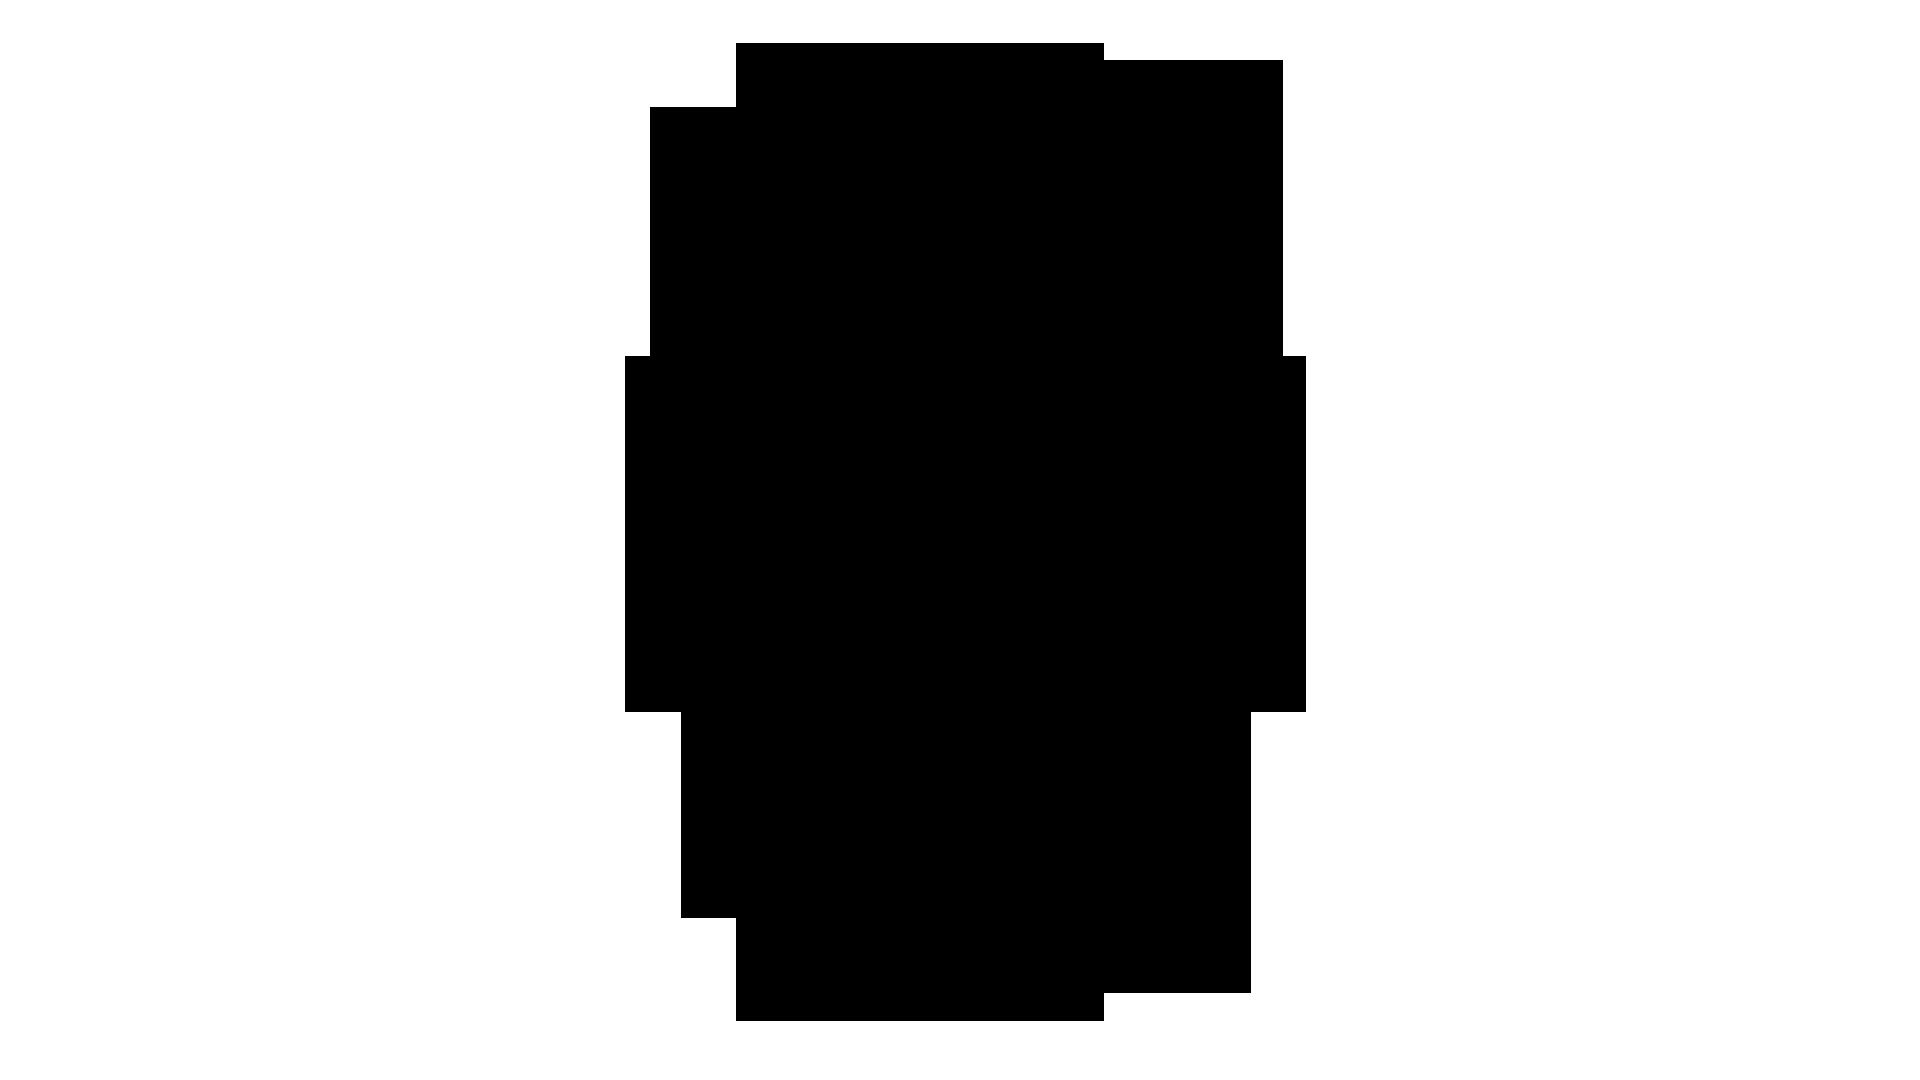 The iron man logo. Ironman clipart manblack white